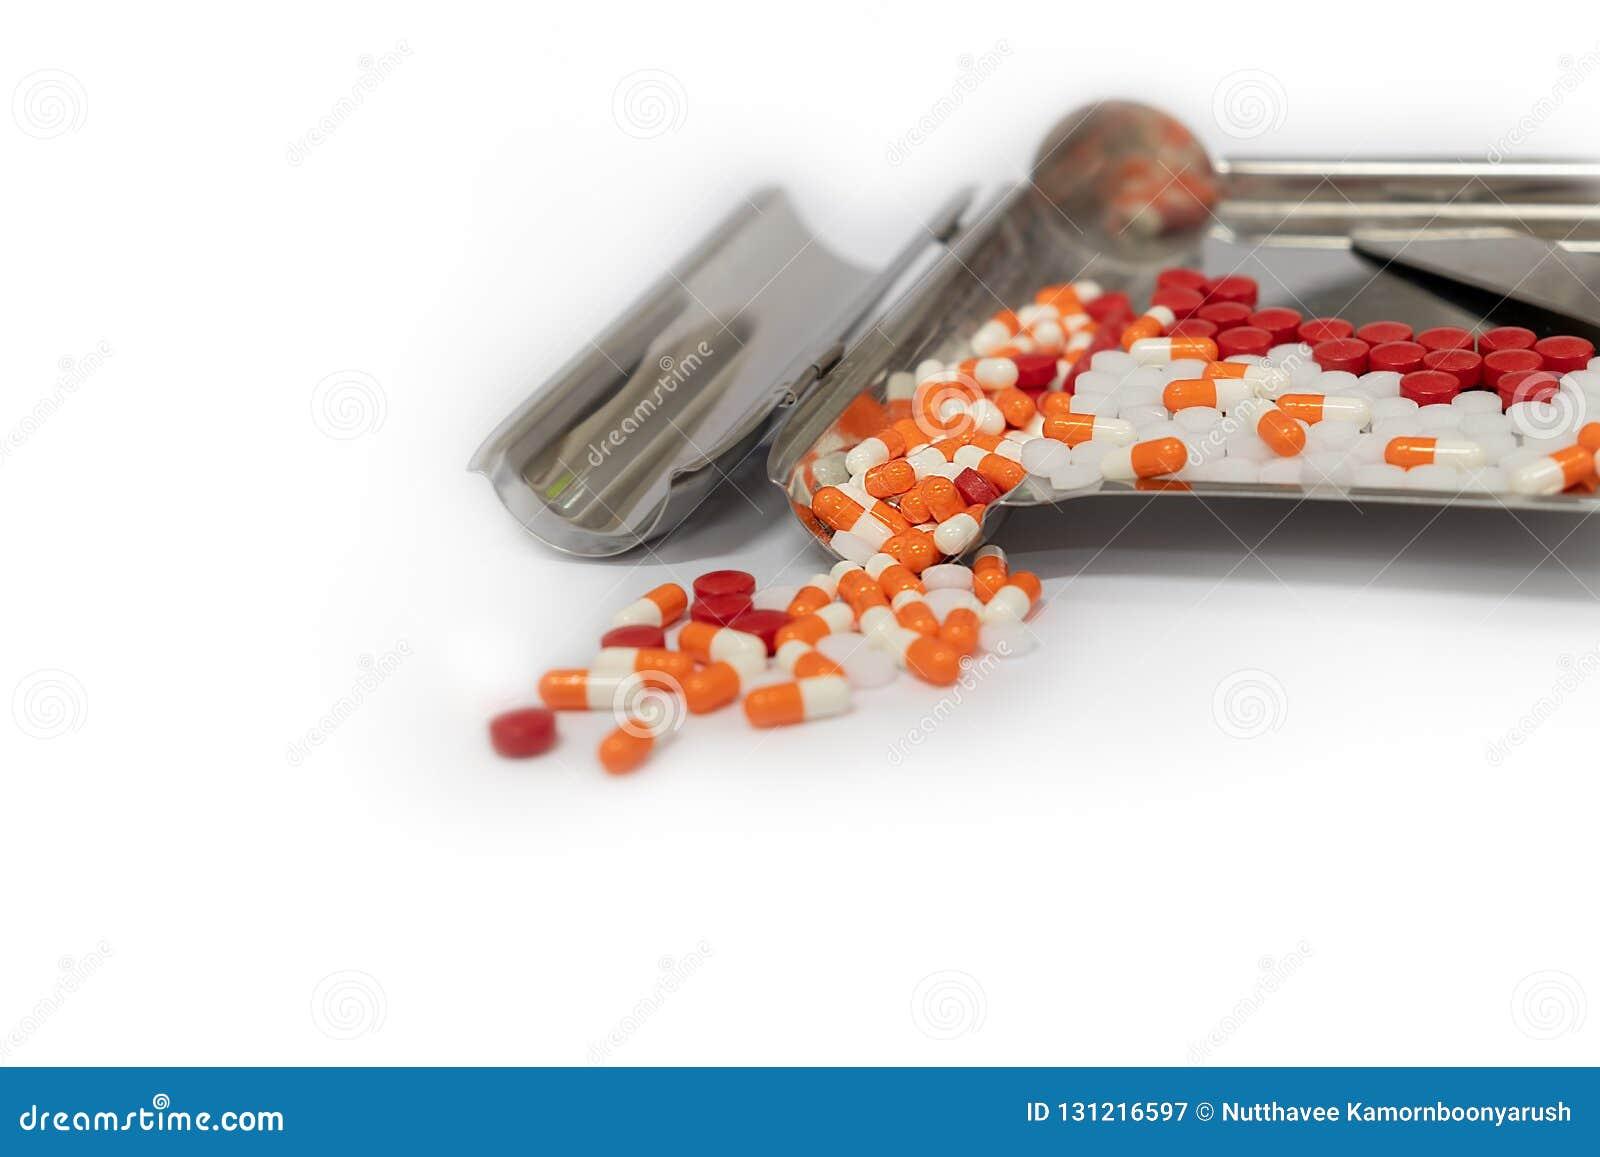 Orange Kapselpillen und Drogenbehälter auf weißem Hintergrund mit Spindel